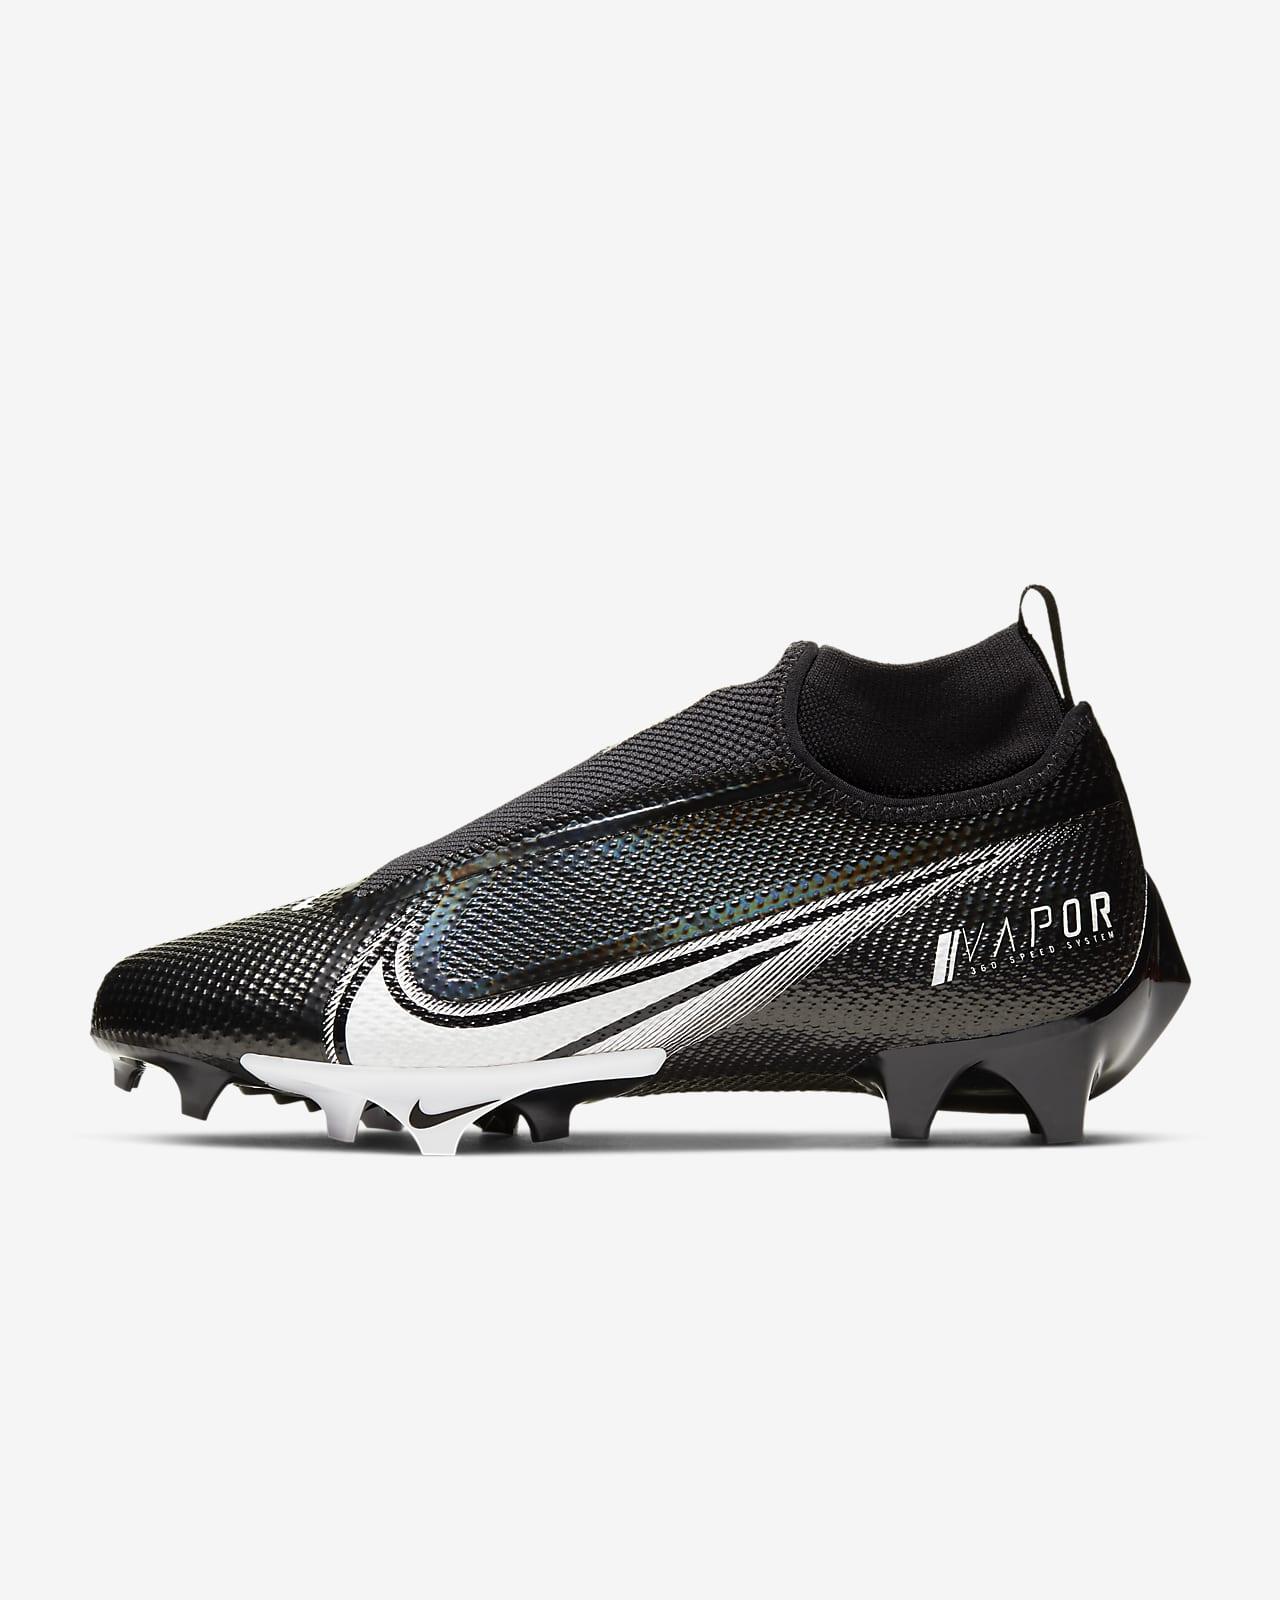 tinción Audaz Sueño  Calzado de fútbol para hombre Nike Vapor Edge Pro 360. Nike.com